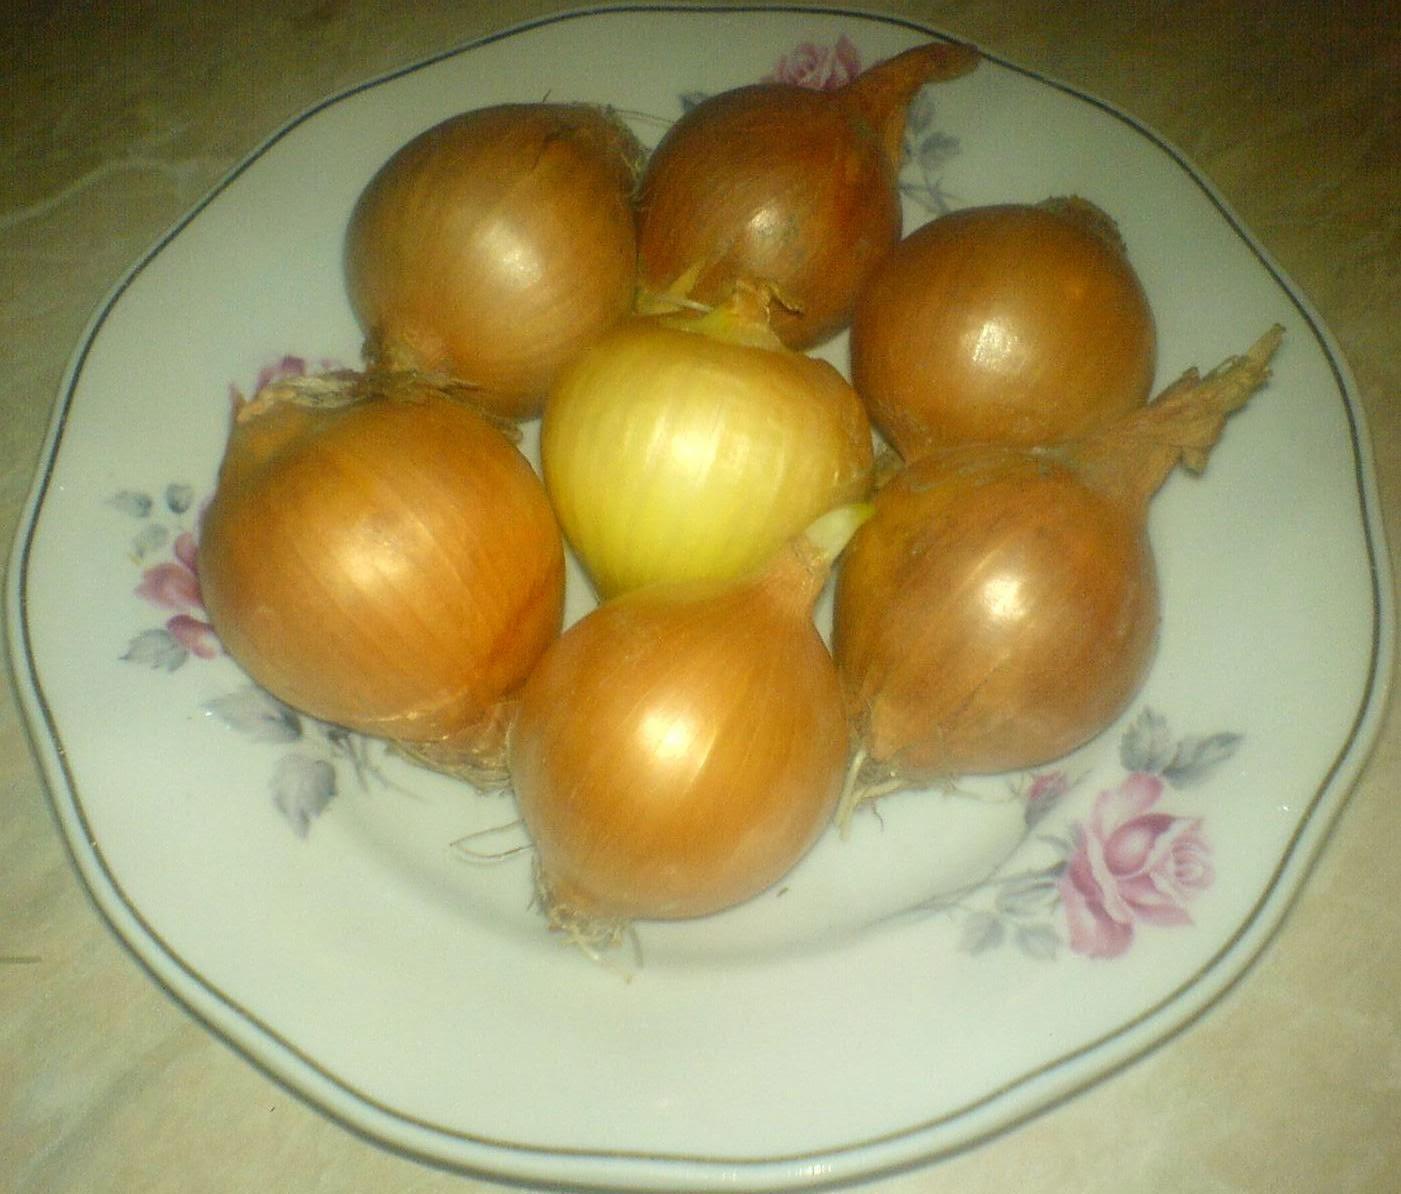 ceapa galbena, retete cu ceapa, preparate din ceapa, ceapa romaneasca, ceapa galbena pentru siropul de ceapa contra tusei,